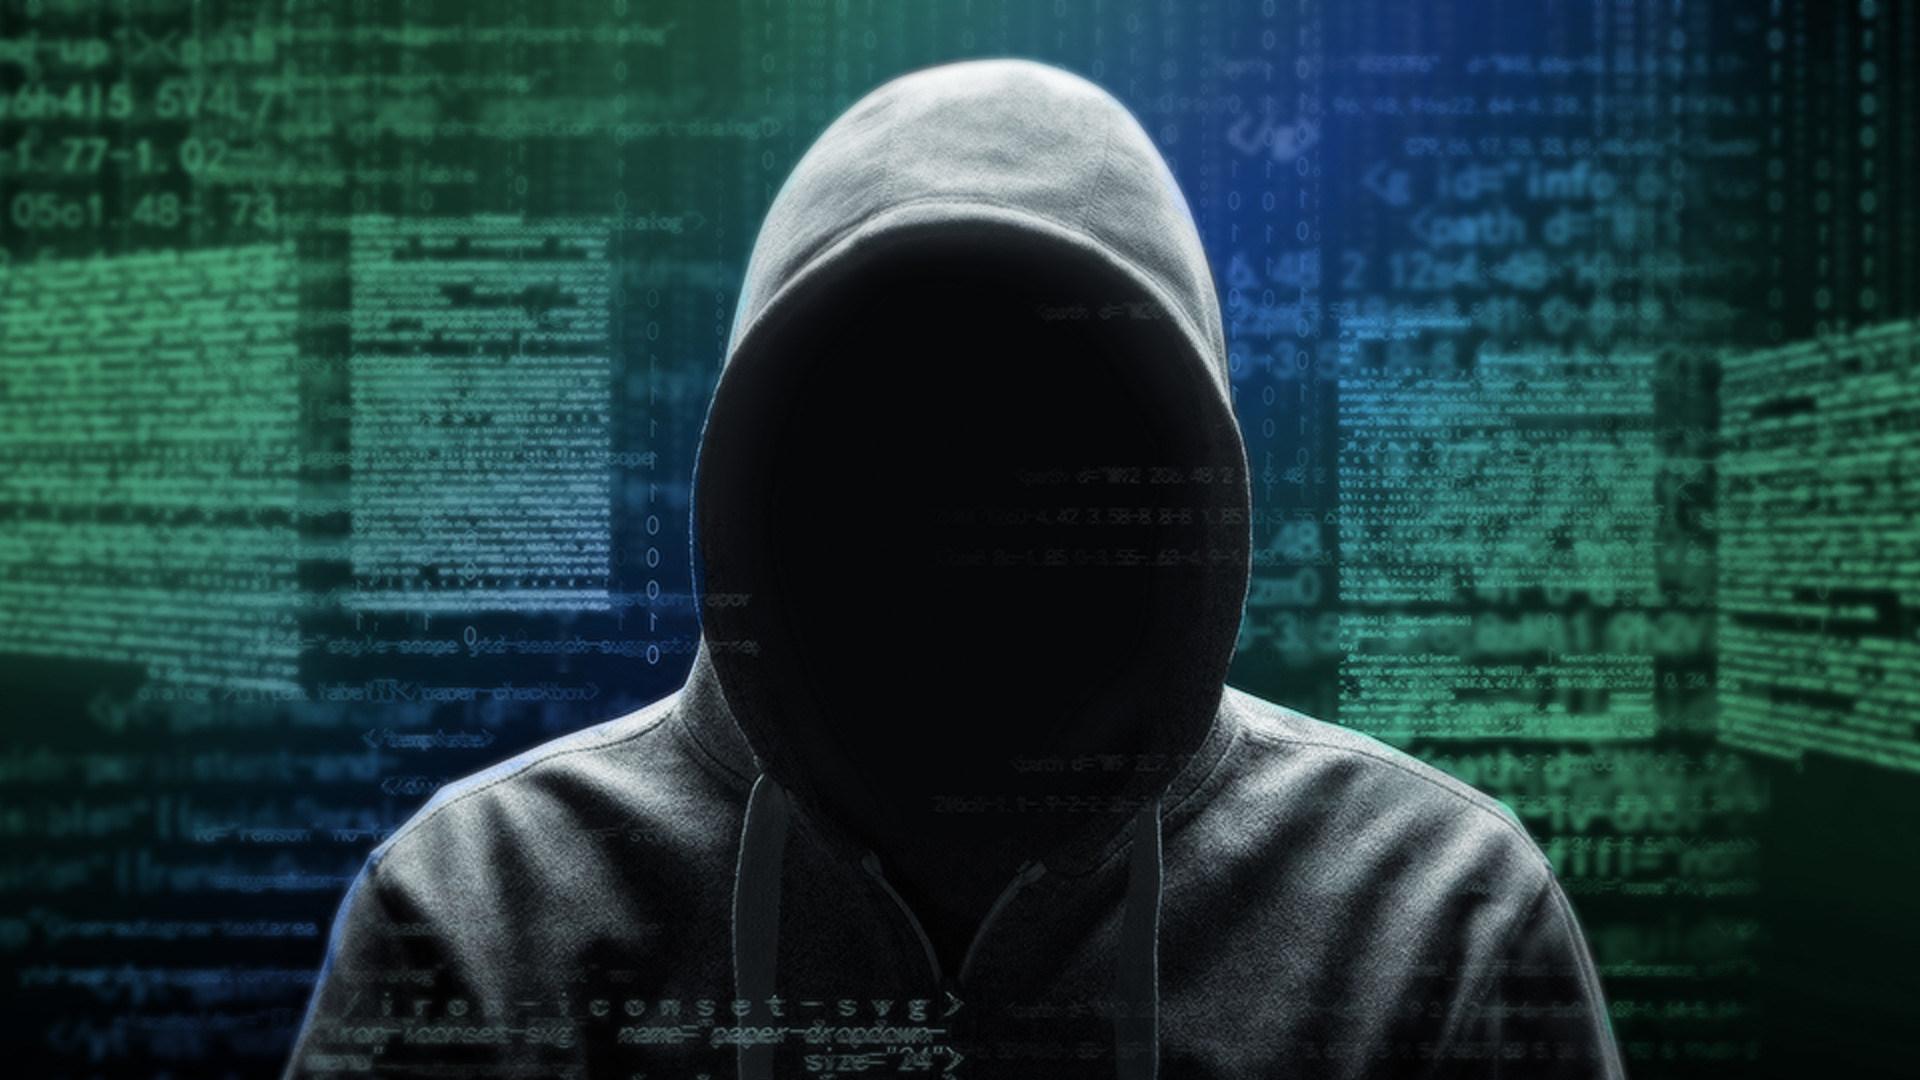 Sicherheit, Sicherheitslücke, Leak, Hacker, Malware, Security, Hack, Angriff, Bug, Trojaner, Virus, Kriminalität, Schadsoftware, Exploit, Cybercrime, Hacking, Spam, Cybersecurity, Ransomware, Hackerangriff, Phishing, Internetkriminalität, Erpressung, Ddos, Warnung, Hacken, Darknet, Hacker Angriffe, Hacker Angriff, Ransom, Attack, Hacks, Viren, Gehackt, Schädling, China Hacker, Adware, Russische Hacker, Error, Security Report, Crime, Malware Warnung, Security Bulletin, Promi-Hacker, Android Malware, Phisher, Secure, Breaking